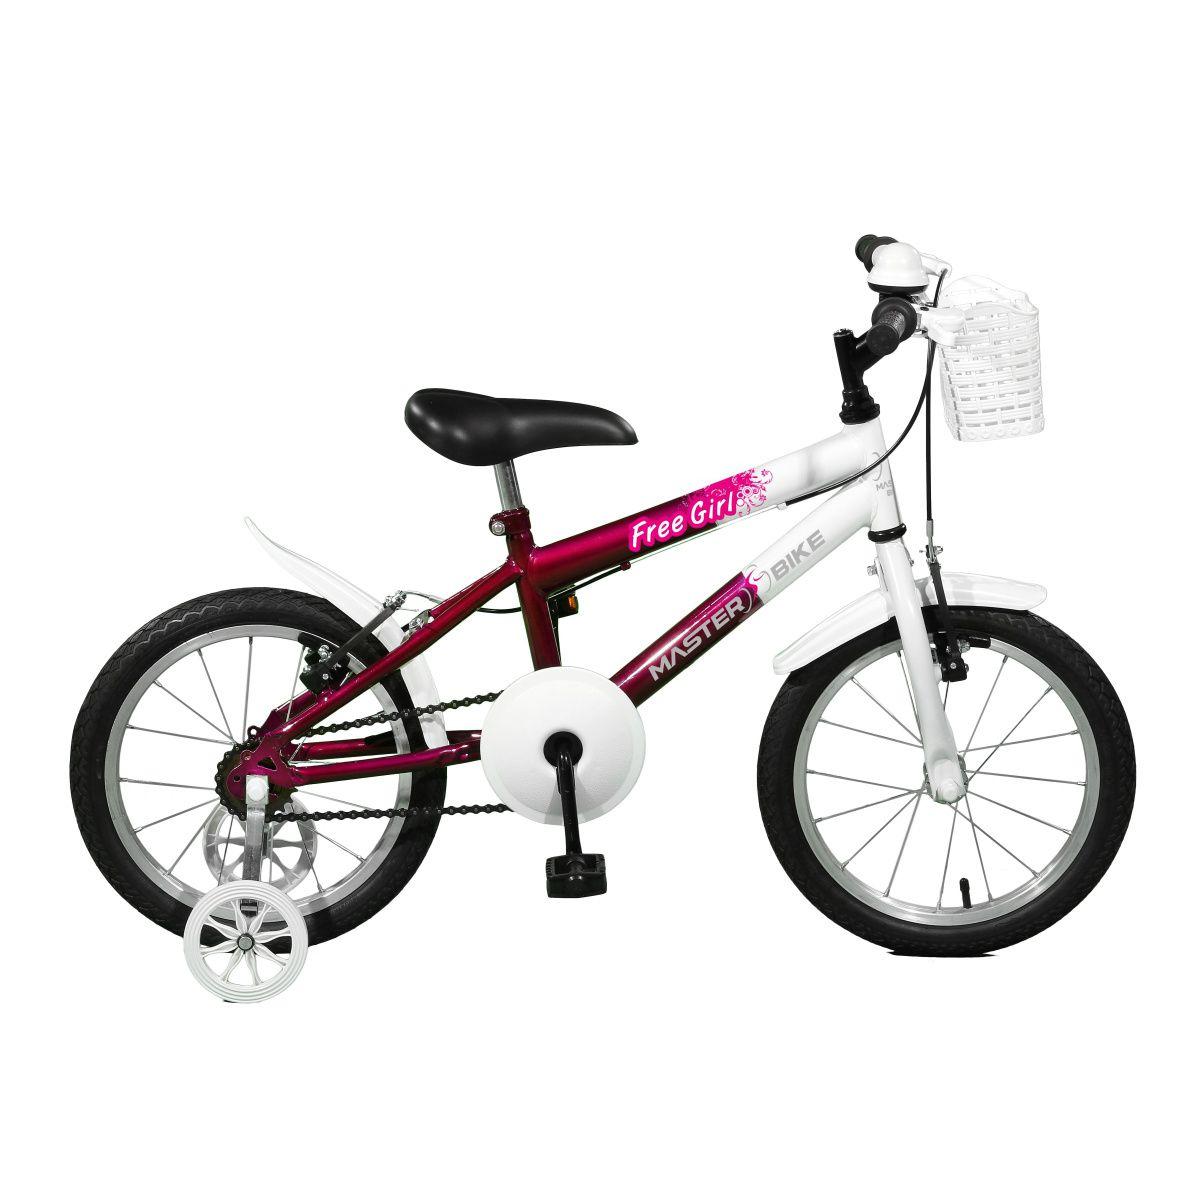 Bicicleta Master Bike Aro 16 Free Girl Freio V-Brake Violeta/Branco